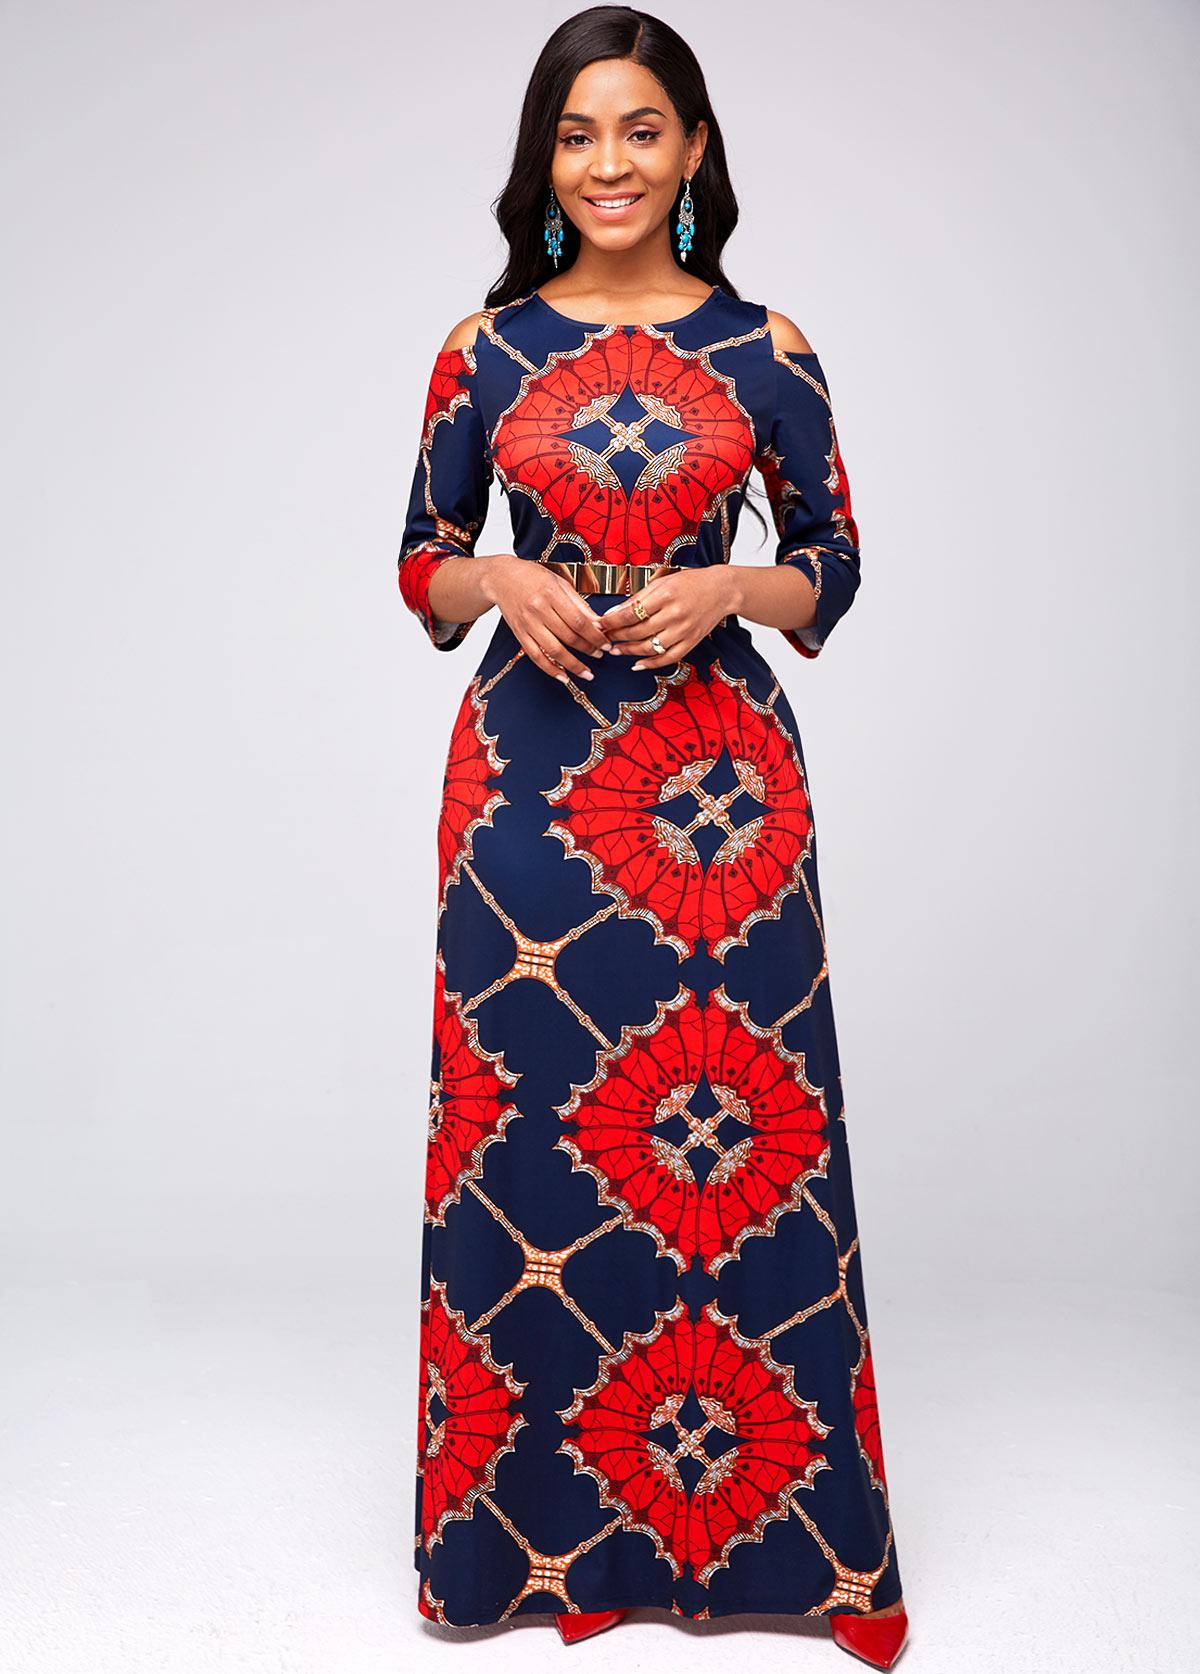 Tribal Print Round Neck Cold Shoulder Dress